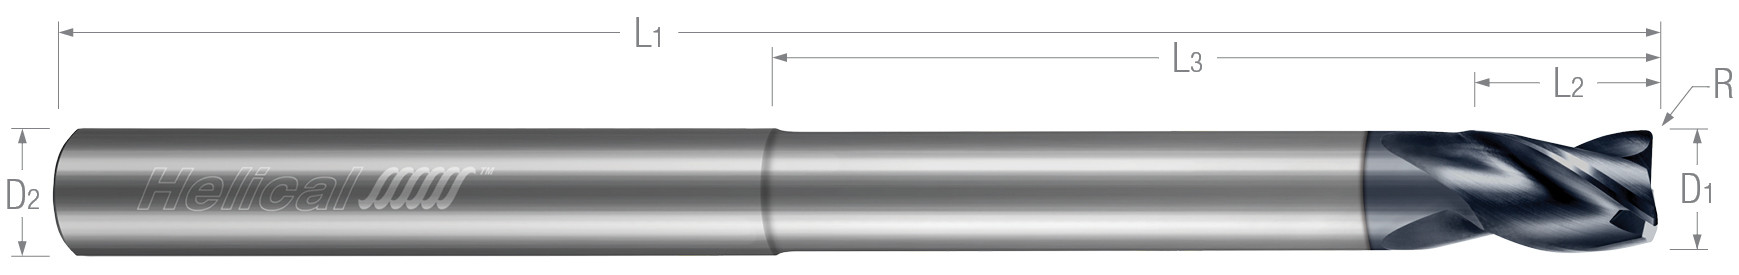 3 Flute, Corner Radius - Reduced Neck